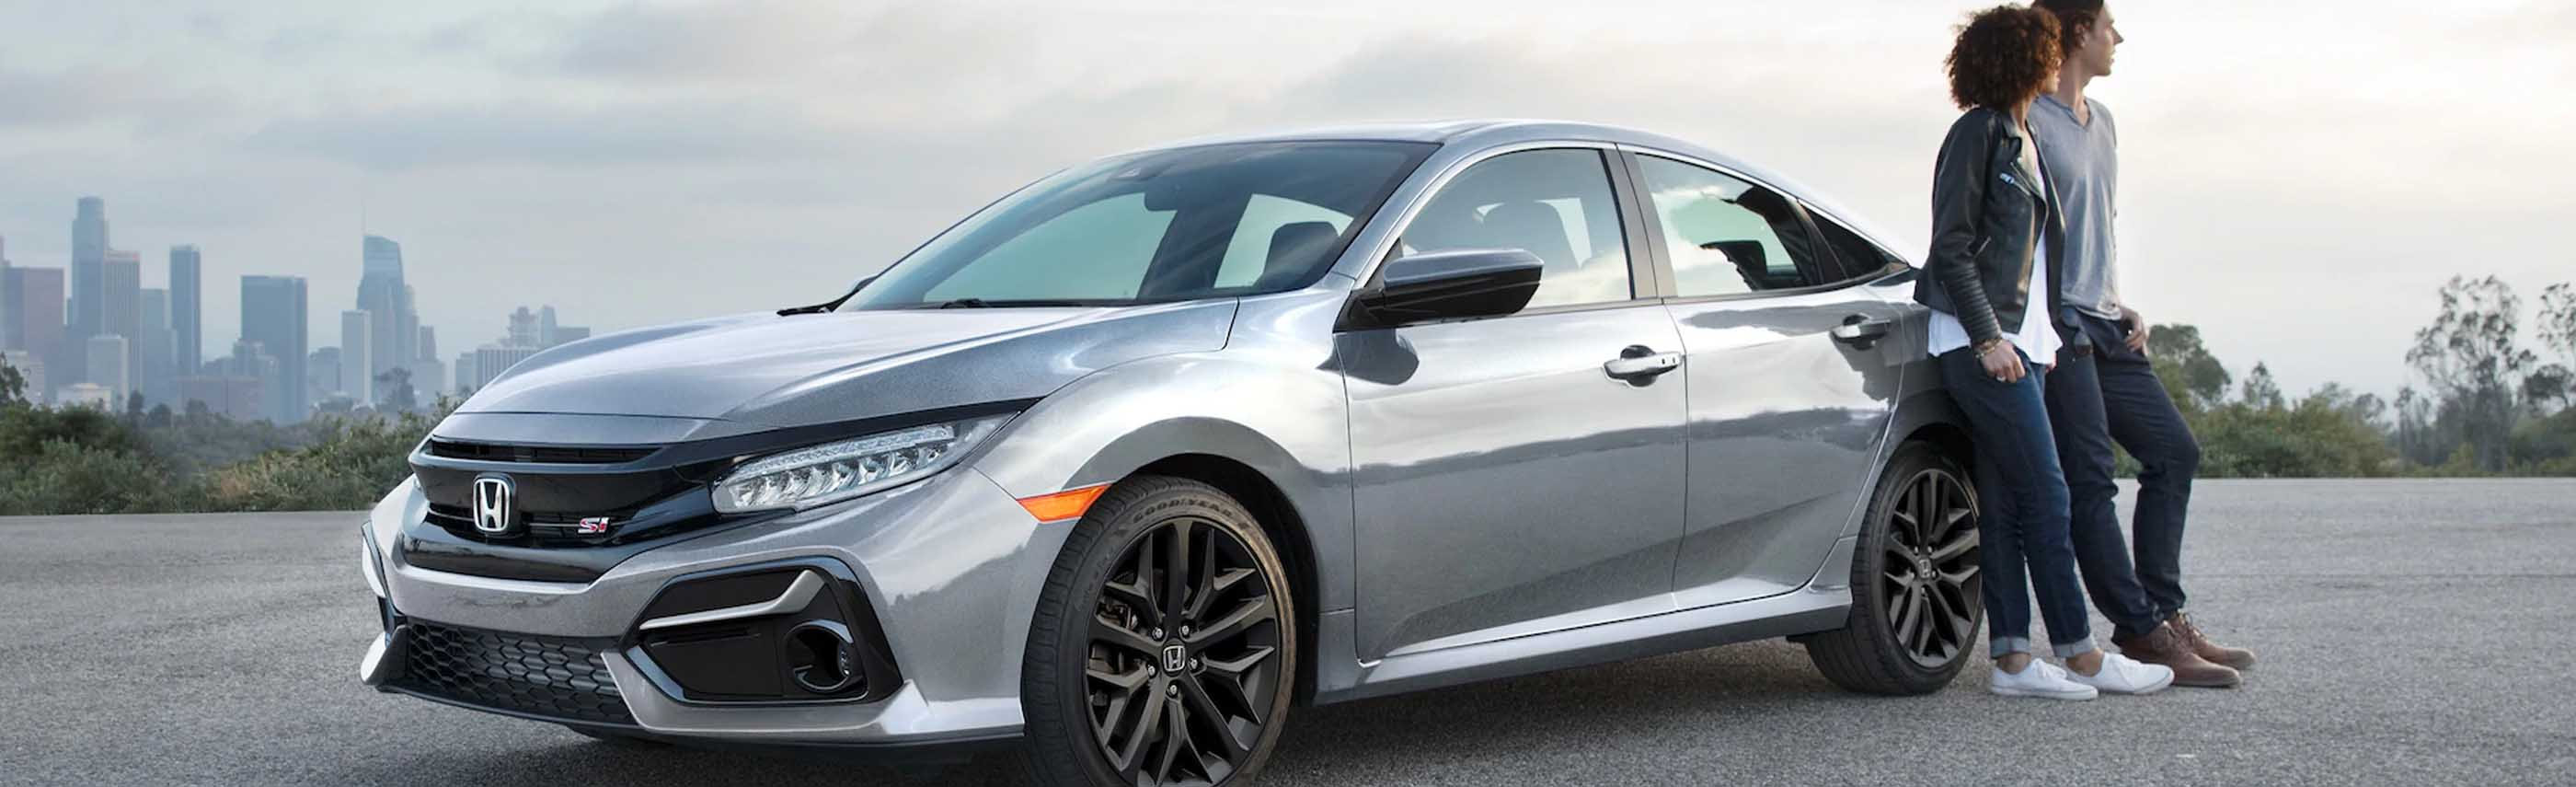 Snag A 2020 Civic Si Sedan From Our Corpus Christi, Texas, Honda Dealer